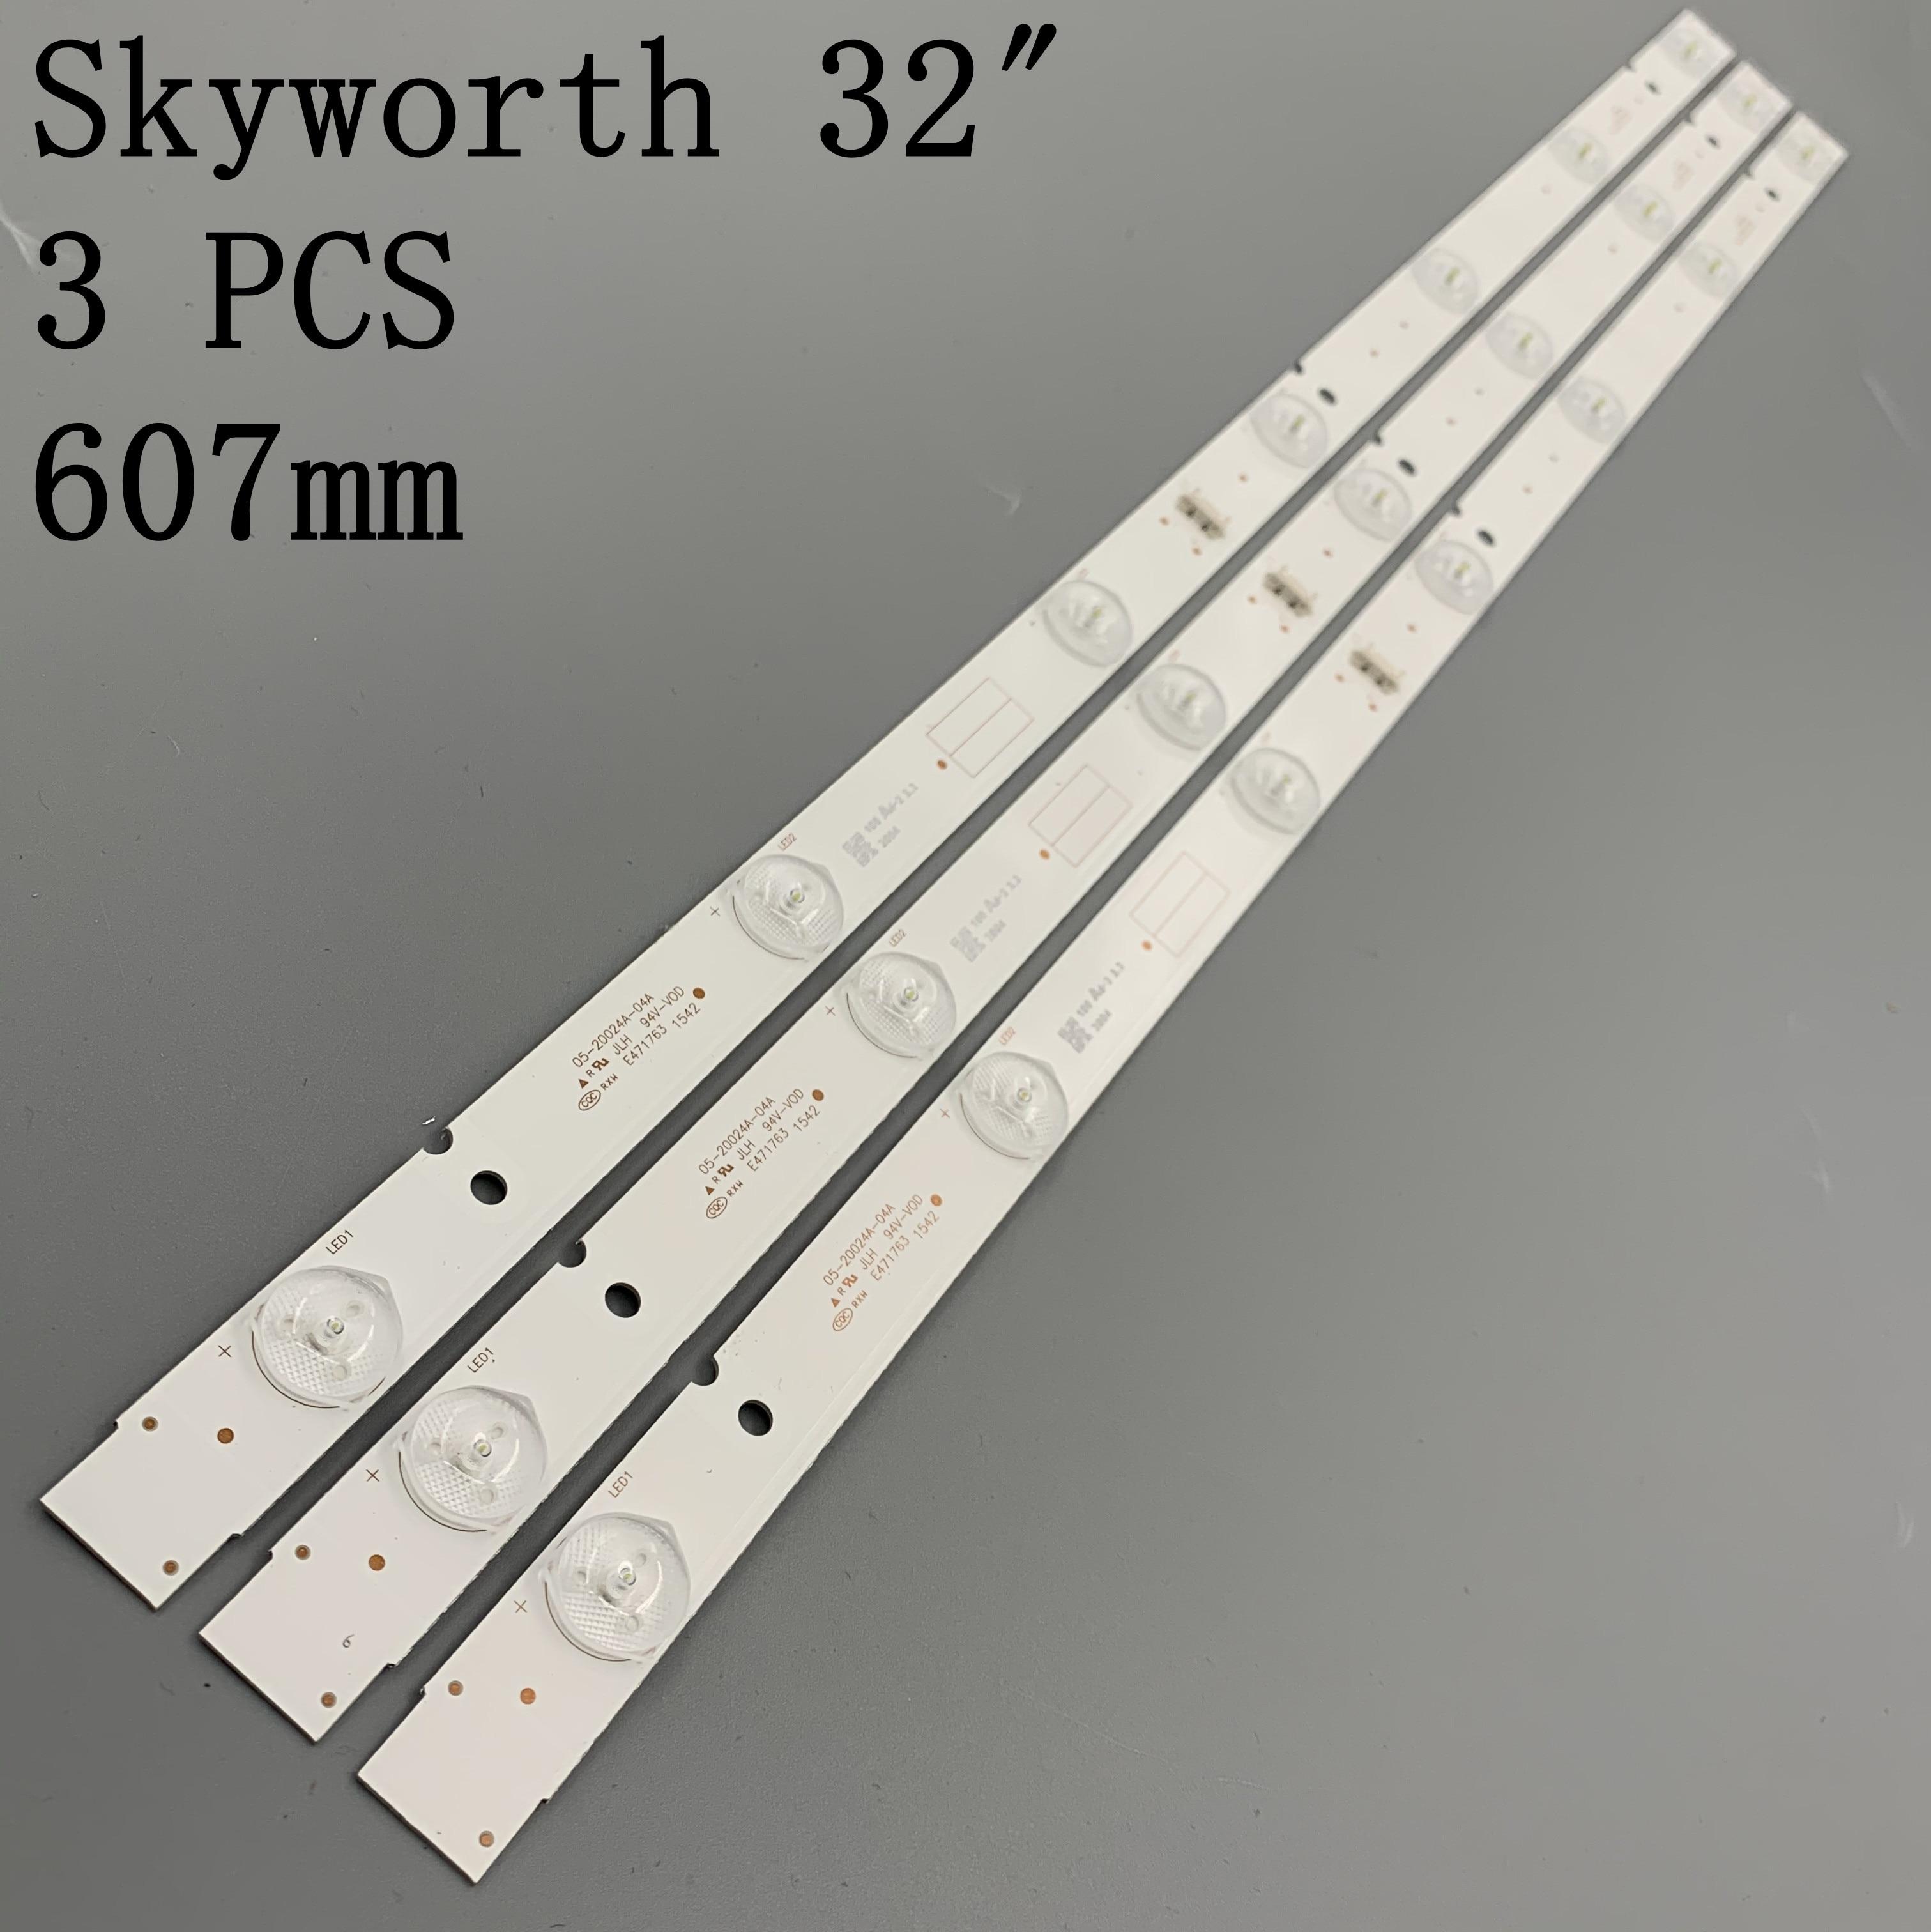 3 шт./лот хорошо работает для световой ленты SKYWORTH 32E3000 5800-W32001-3P00 05-20024A-04A универсальные лампы